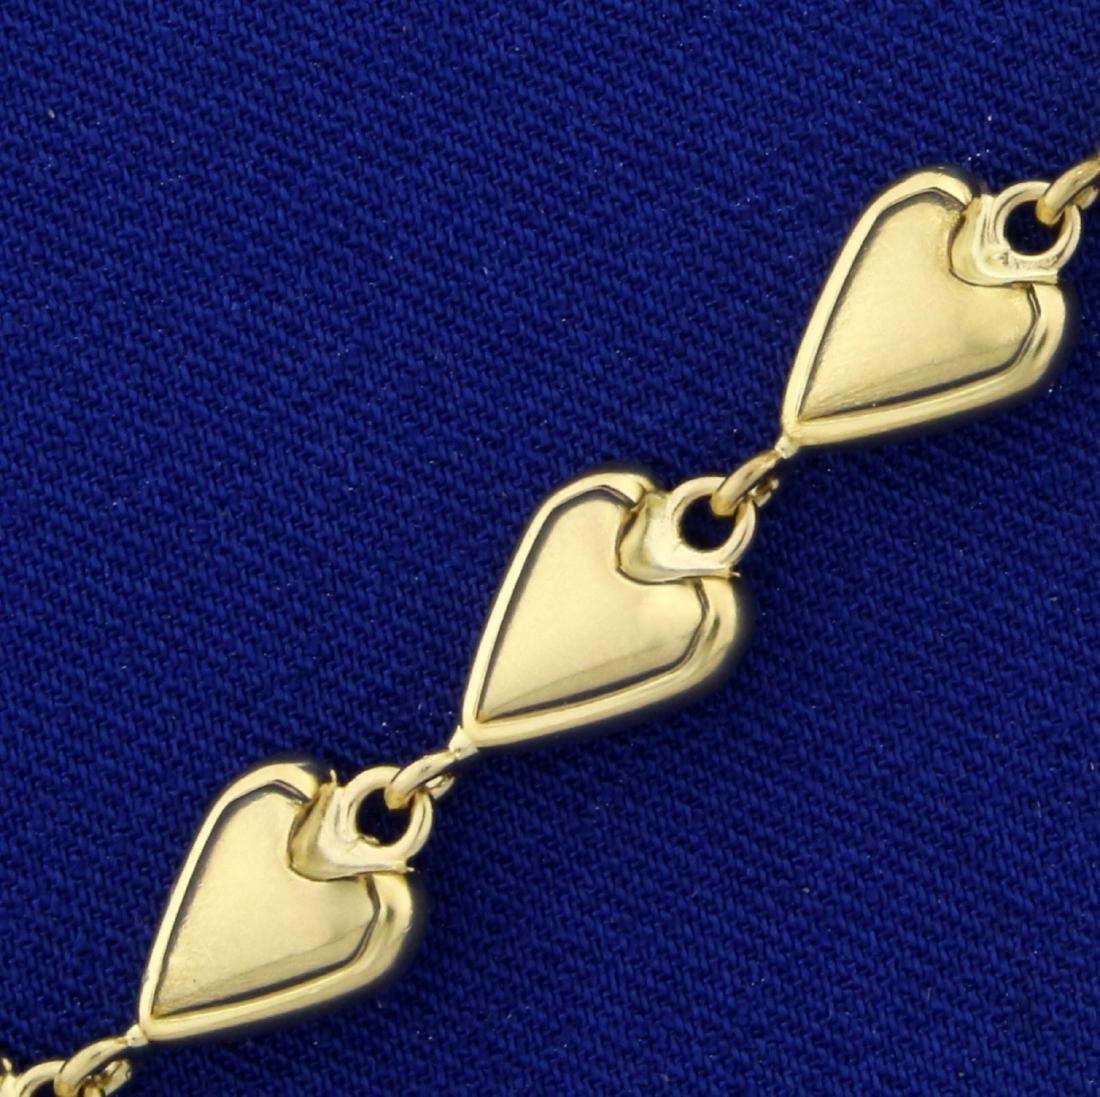 7 1/2 Inch Heart Link Heart Bracelet in 14K Yellow Gold - 2